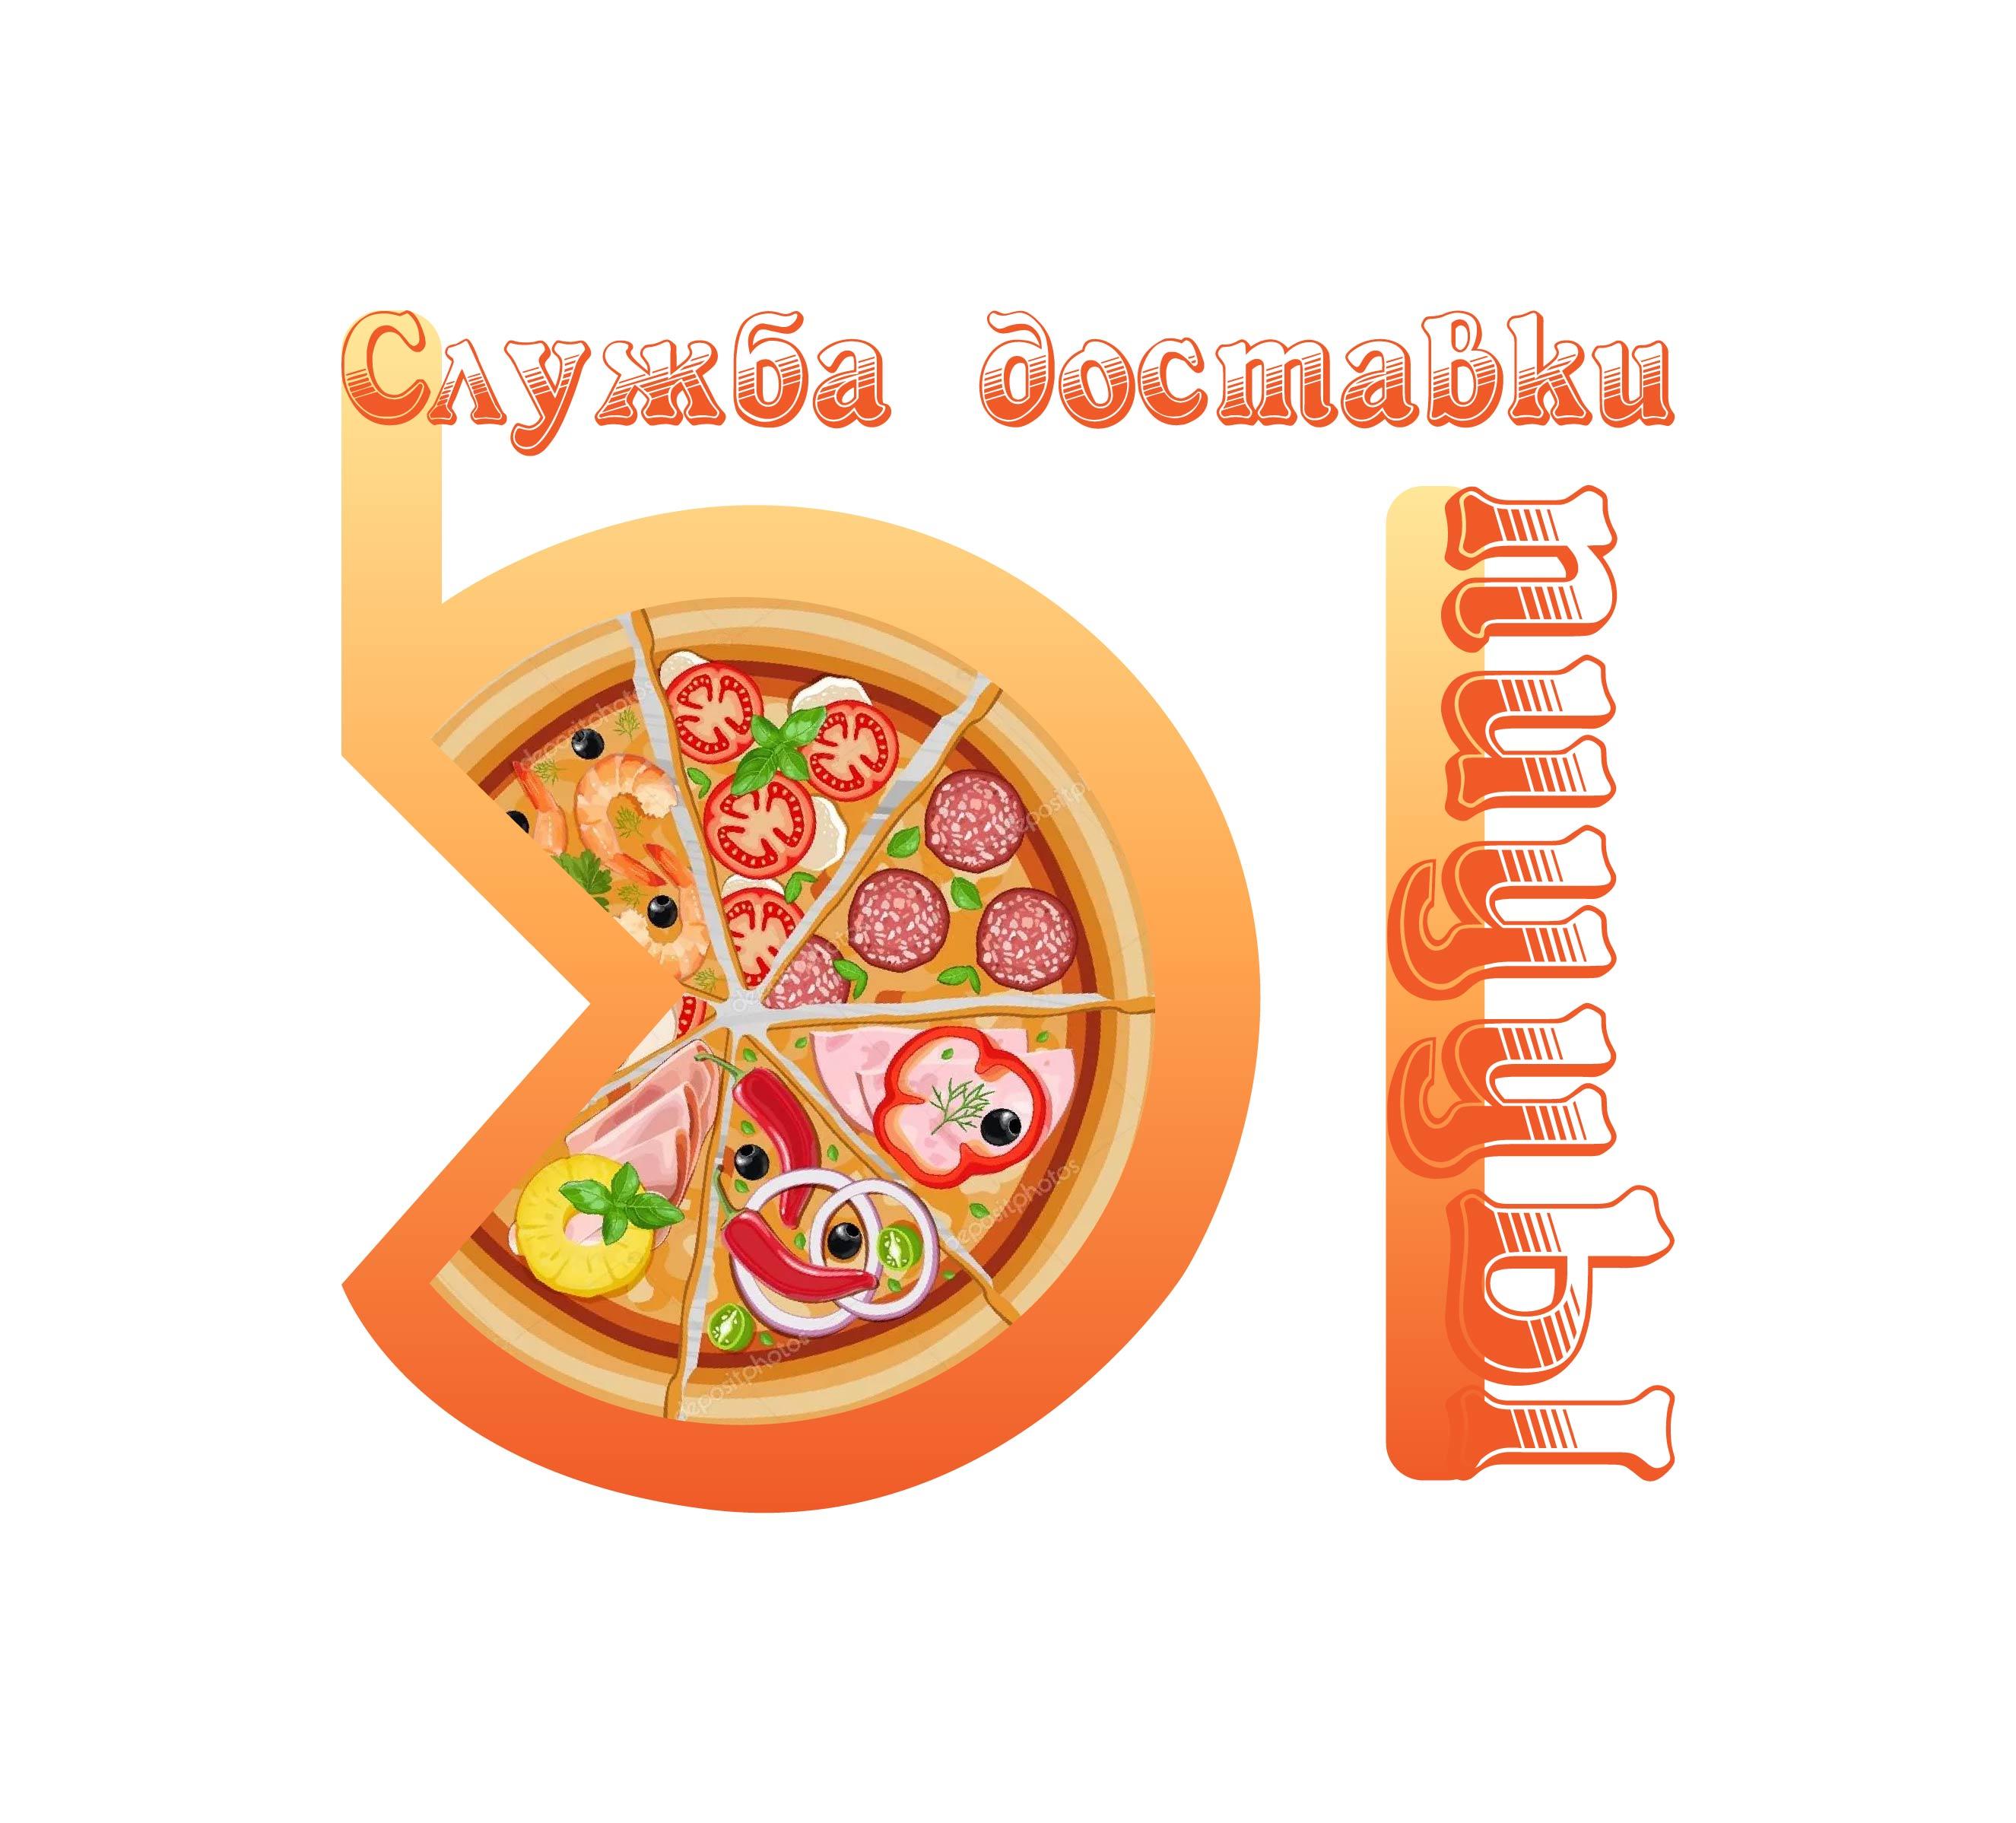 Разыскивается дизайнер для разработки лого службы доставки фото f_2035c34b01964b61.jpg